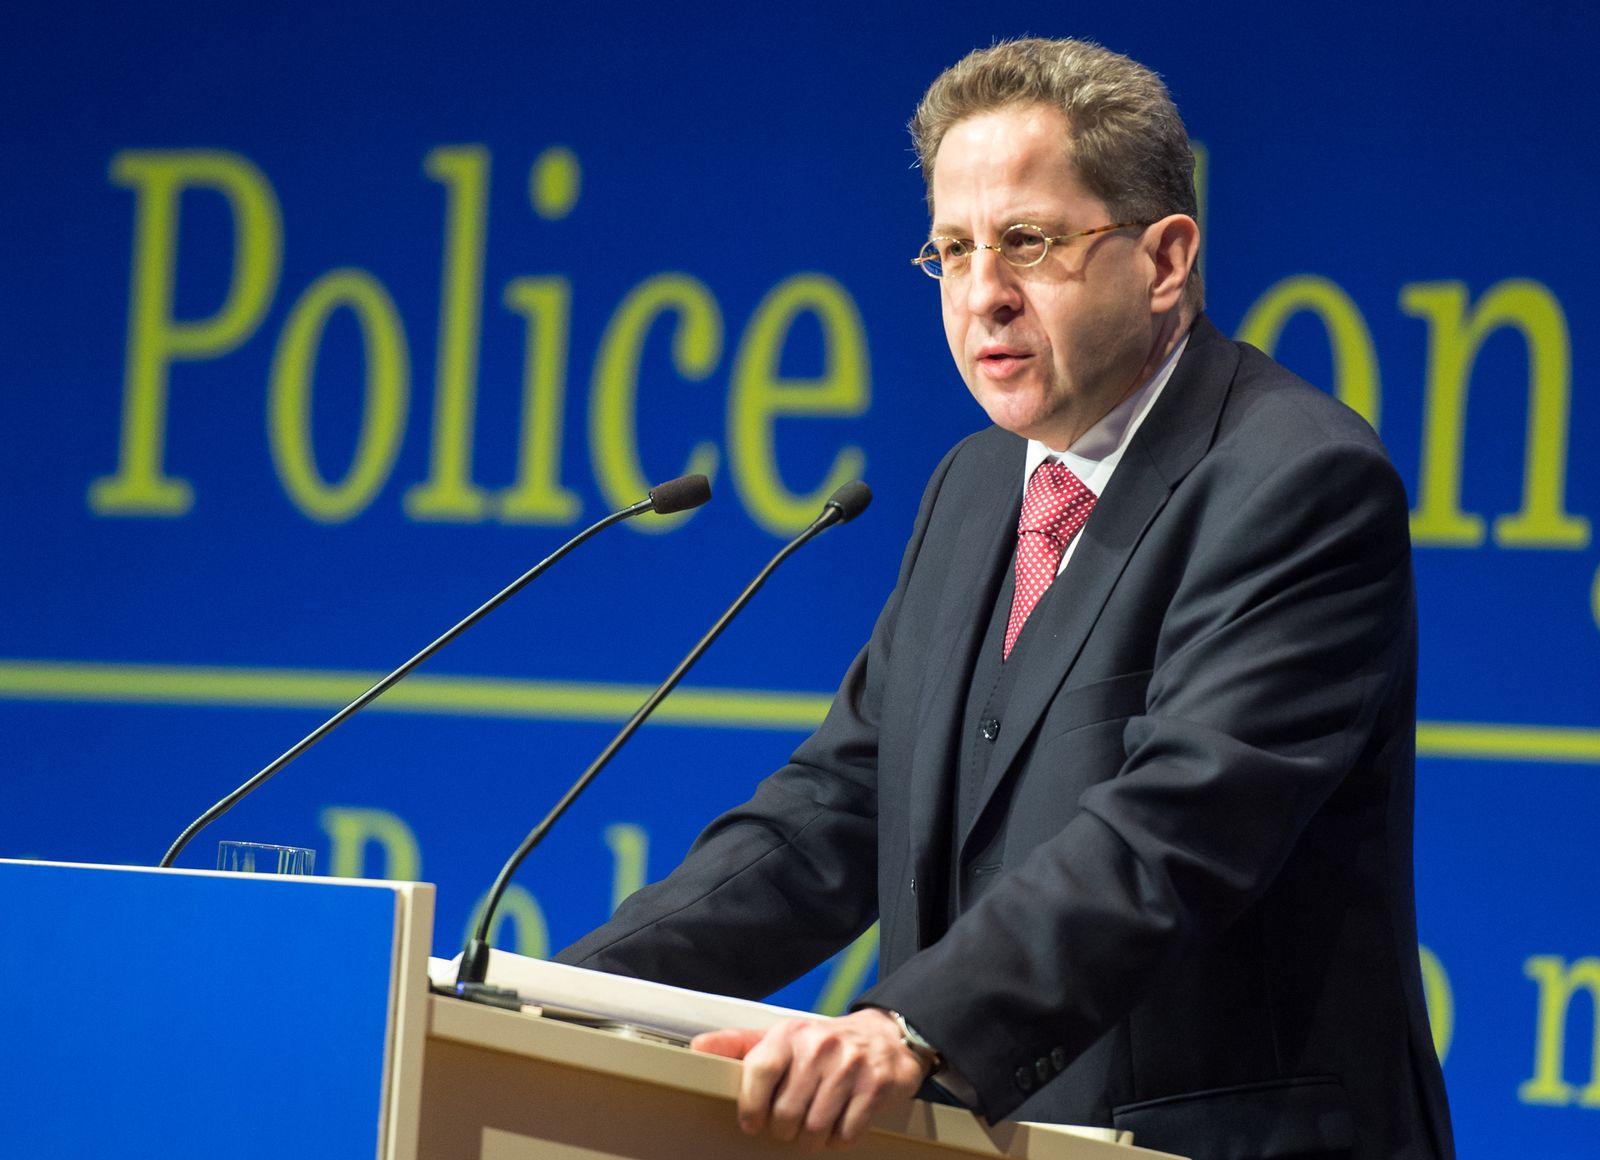 Hans-Georg Maaßen/ Polizeikongress in Berlin